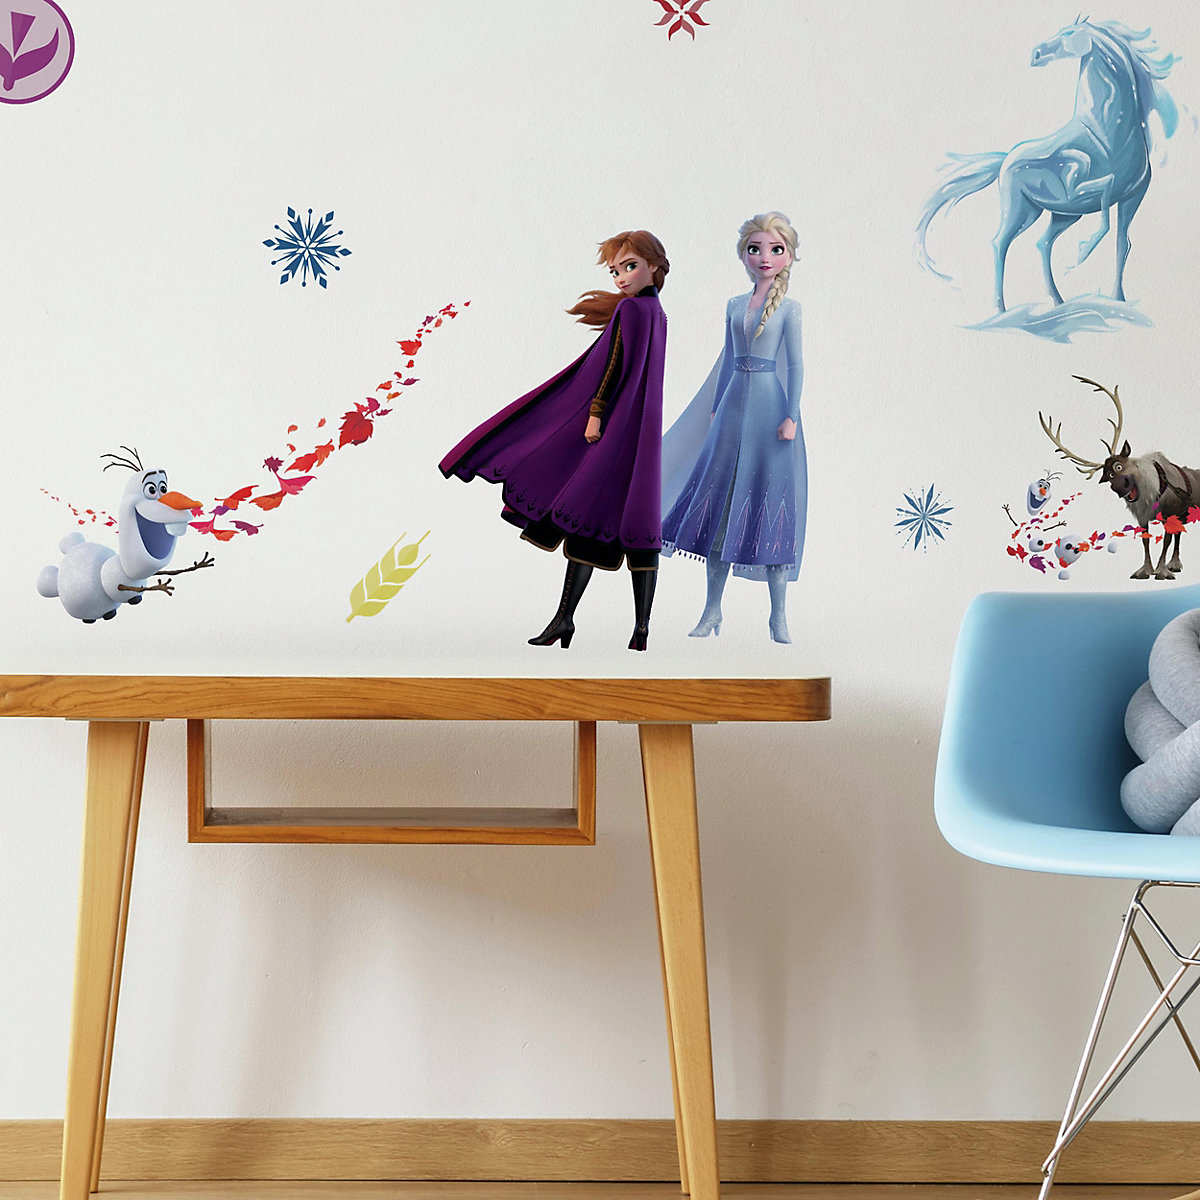 Wandsticker Disney Frozen II Disney Die Eiskönigin KjHrU